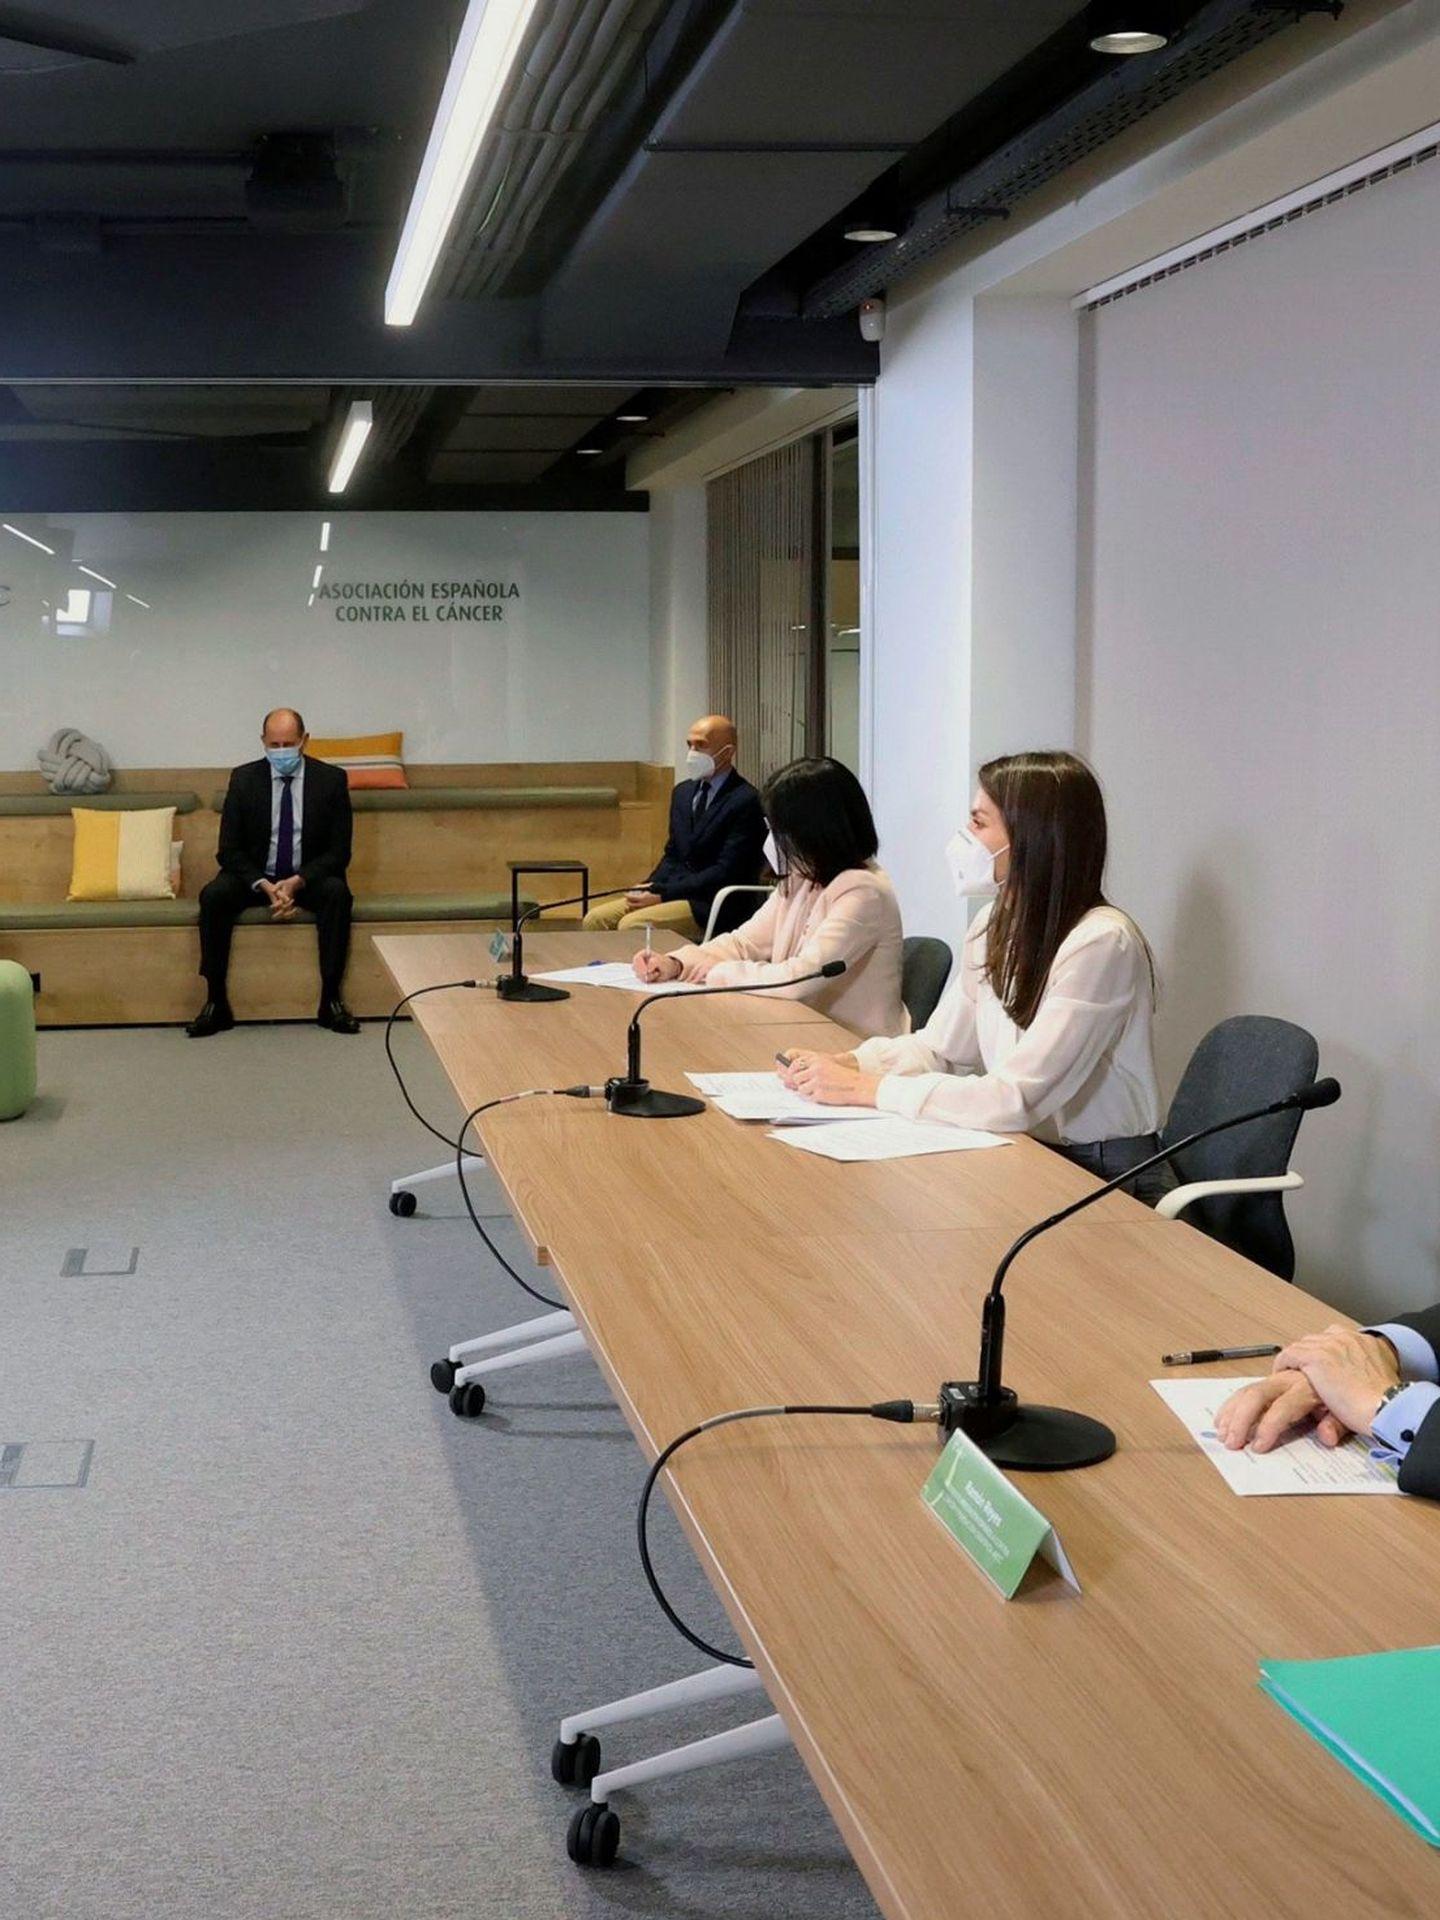 La reina Letizia, en una reunión de trabajo de la Asociación Española Contra el Cáncer. (EFE)